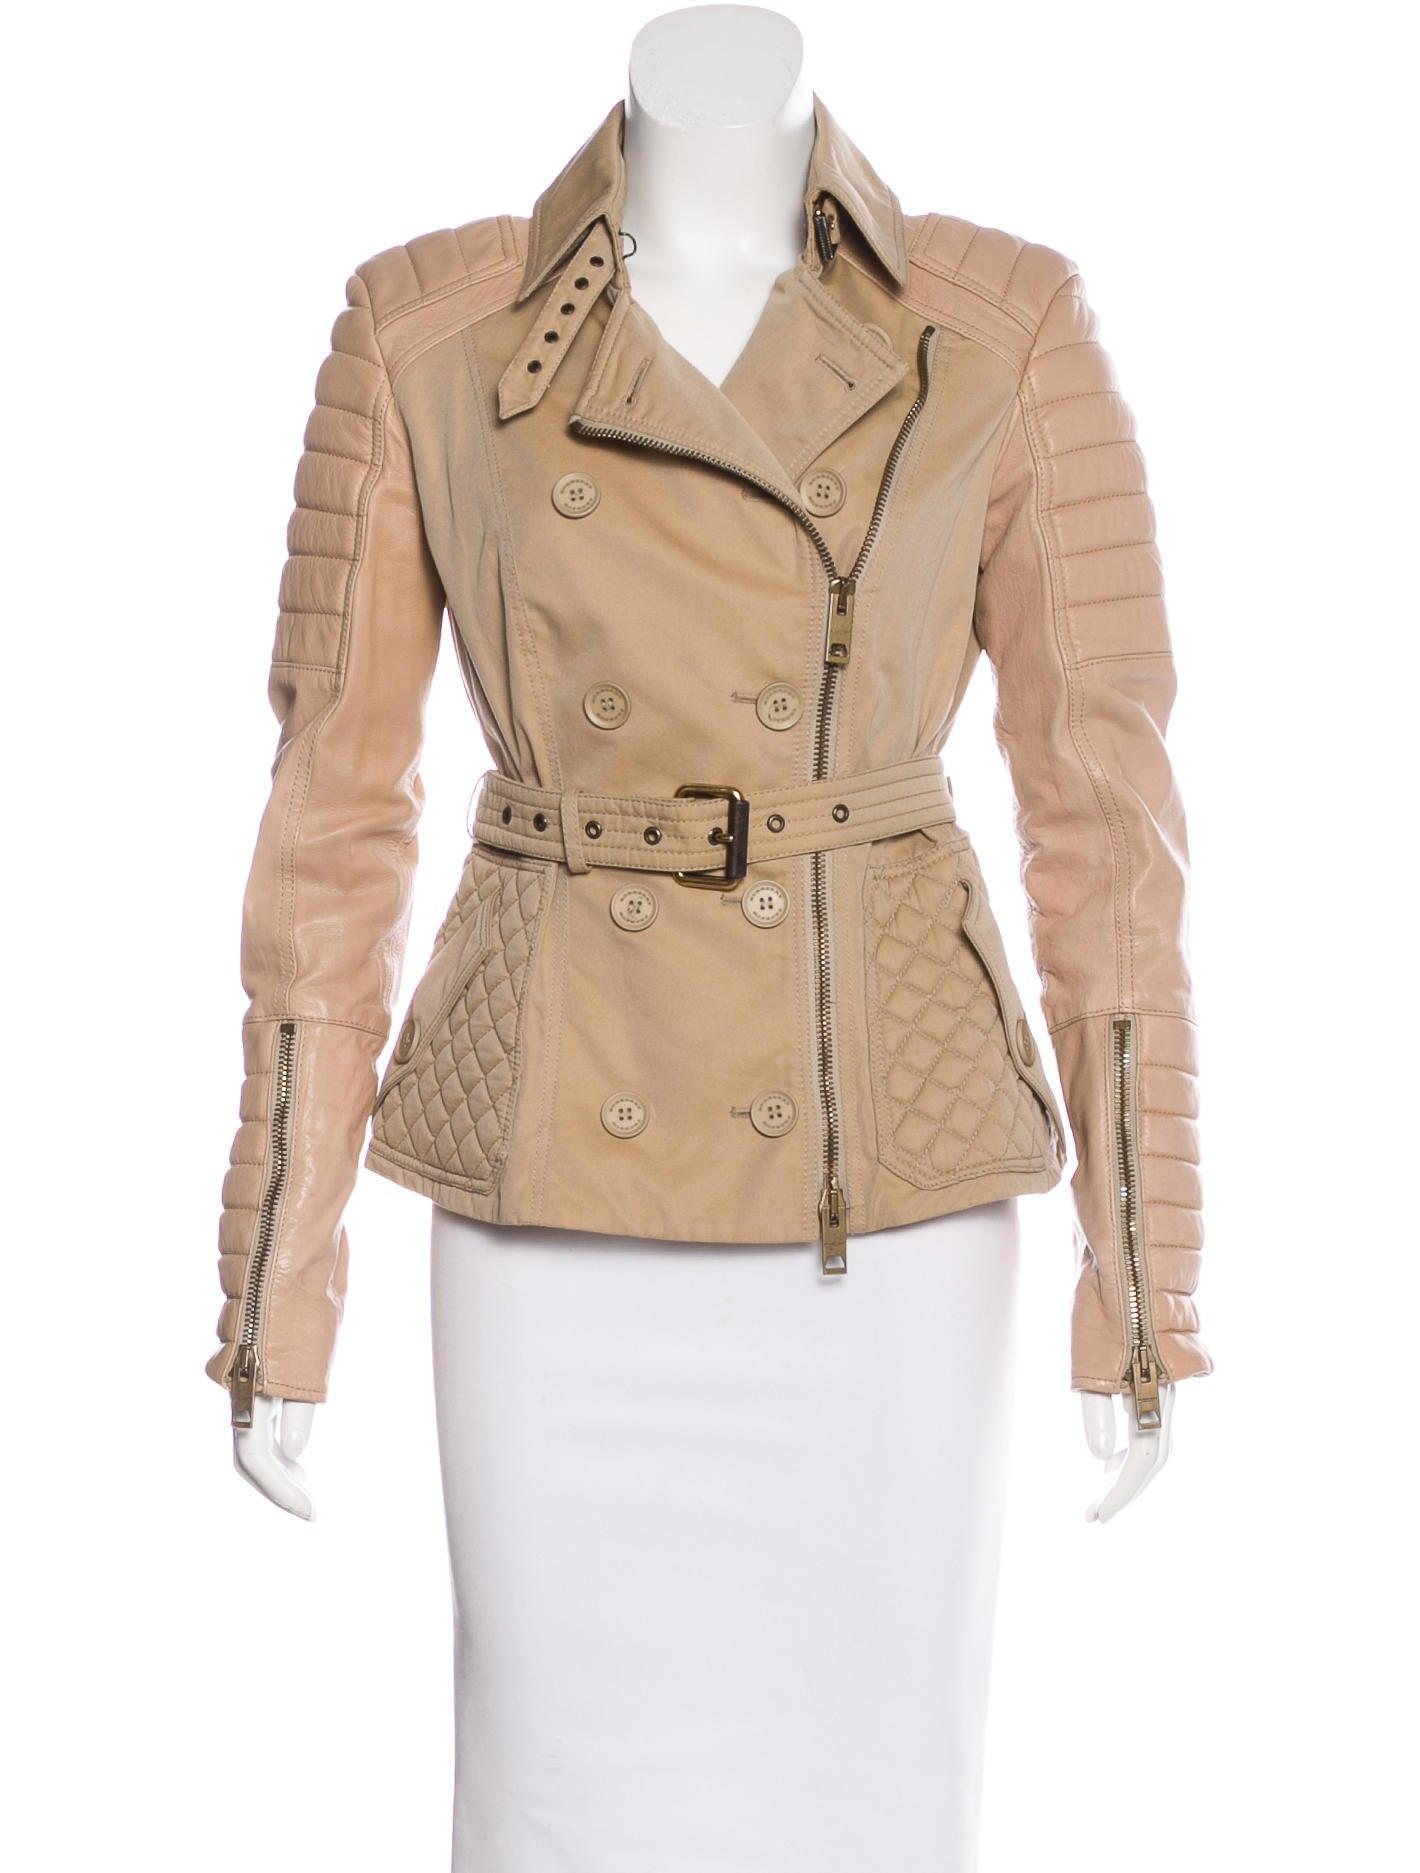 Prorsum leather jacket